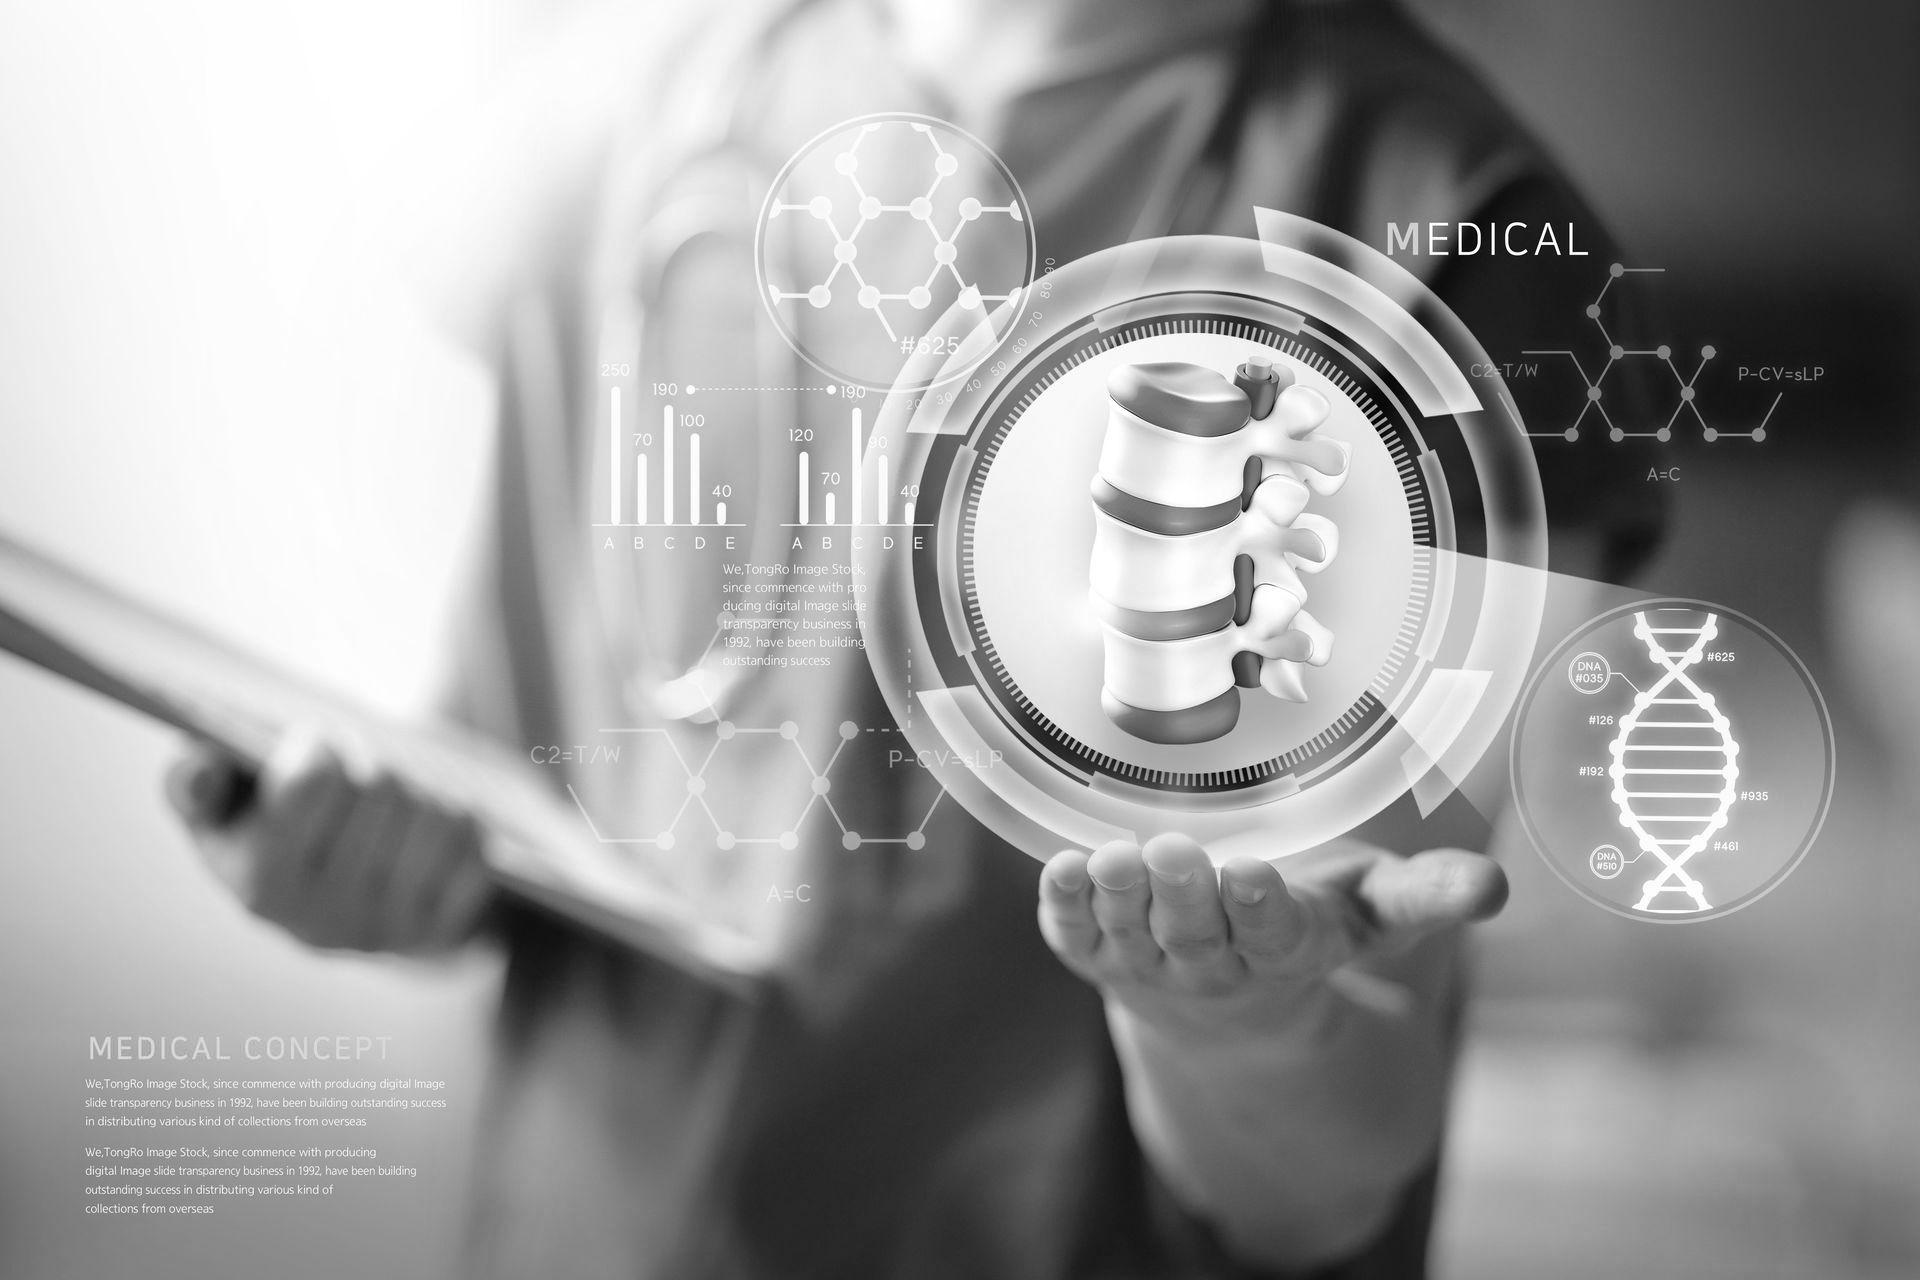 최고의 실력과 경험을 가진 의료진이<br>강남 최고의 감동 의료 서비스를 열어갑니다.